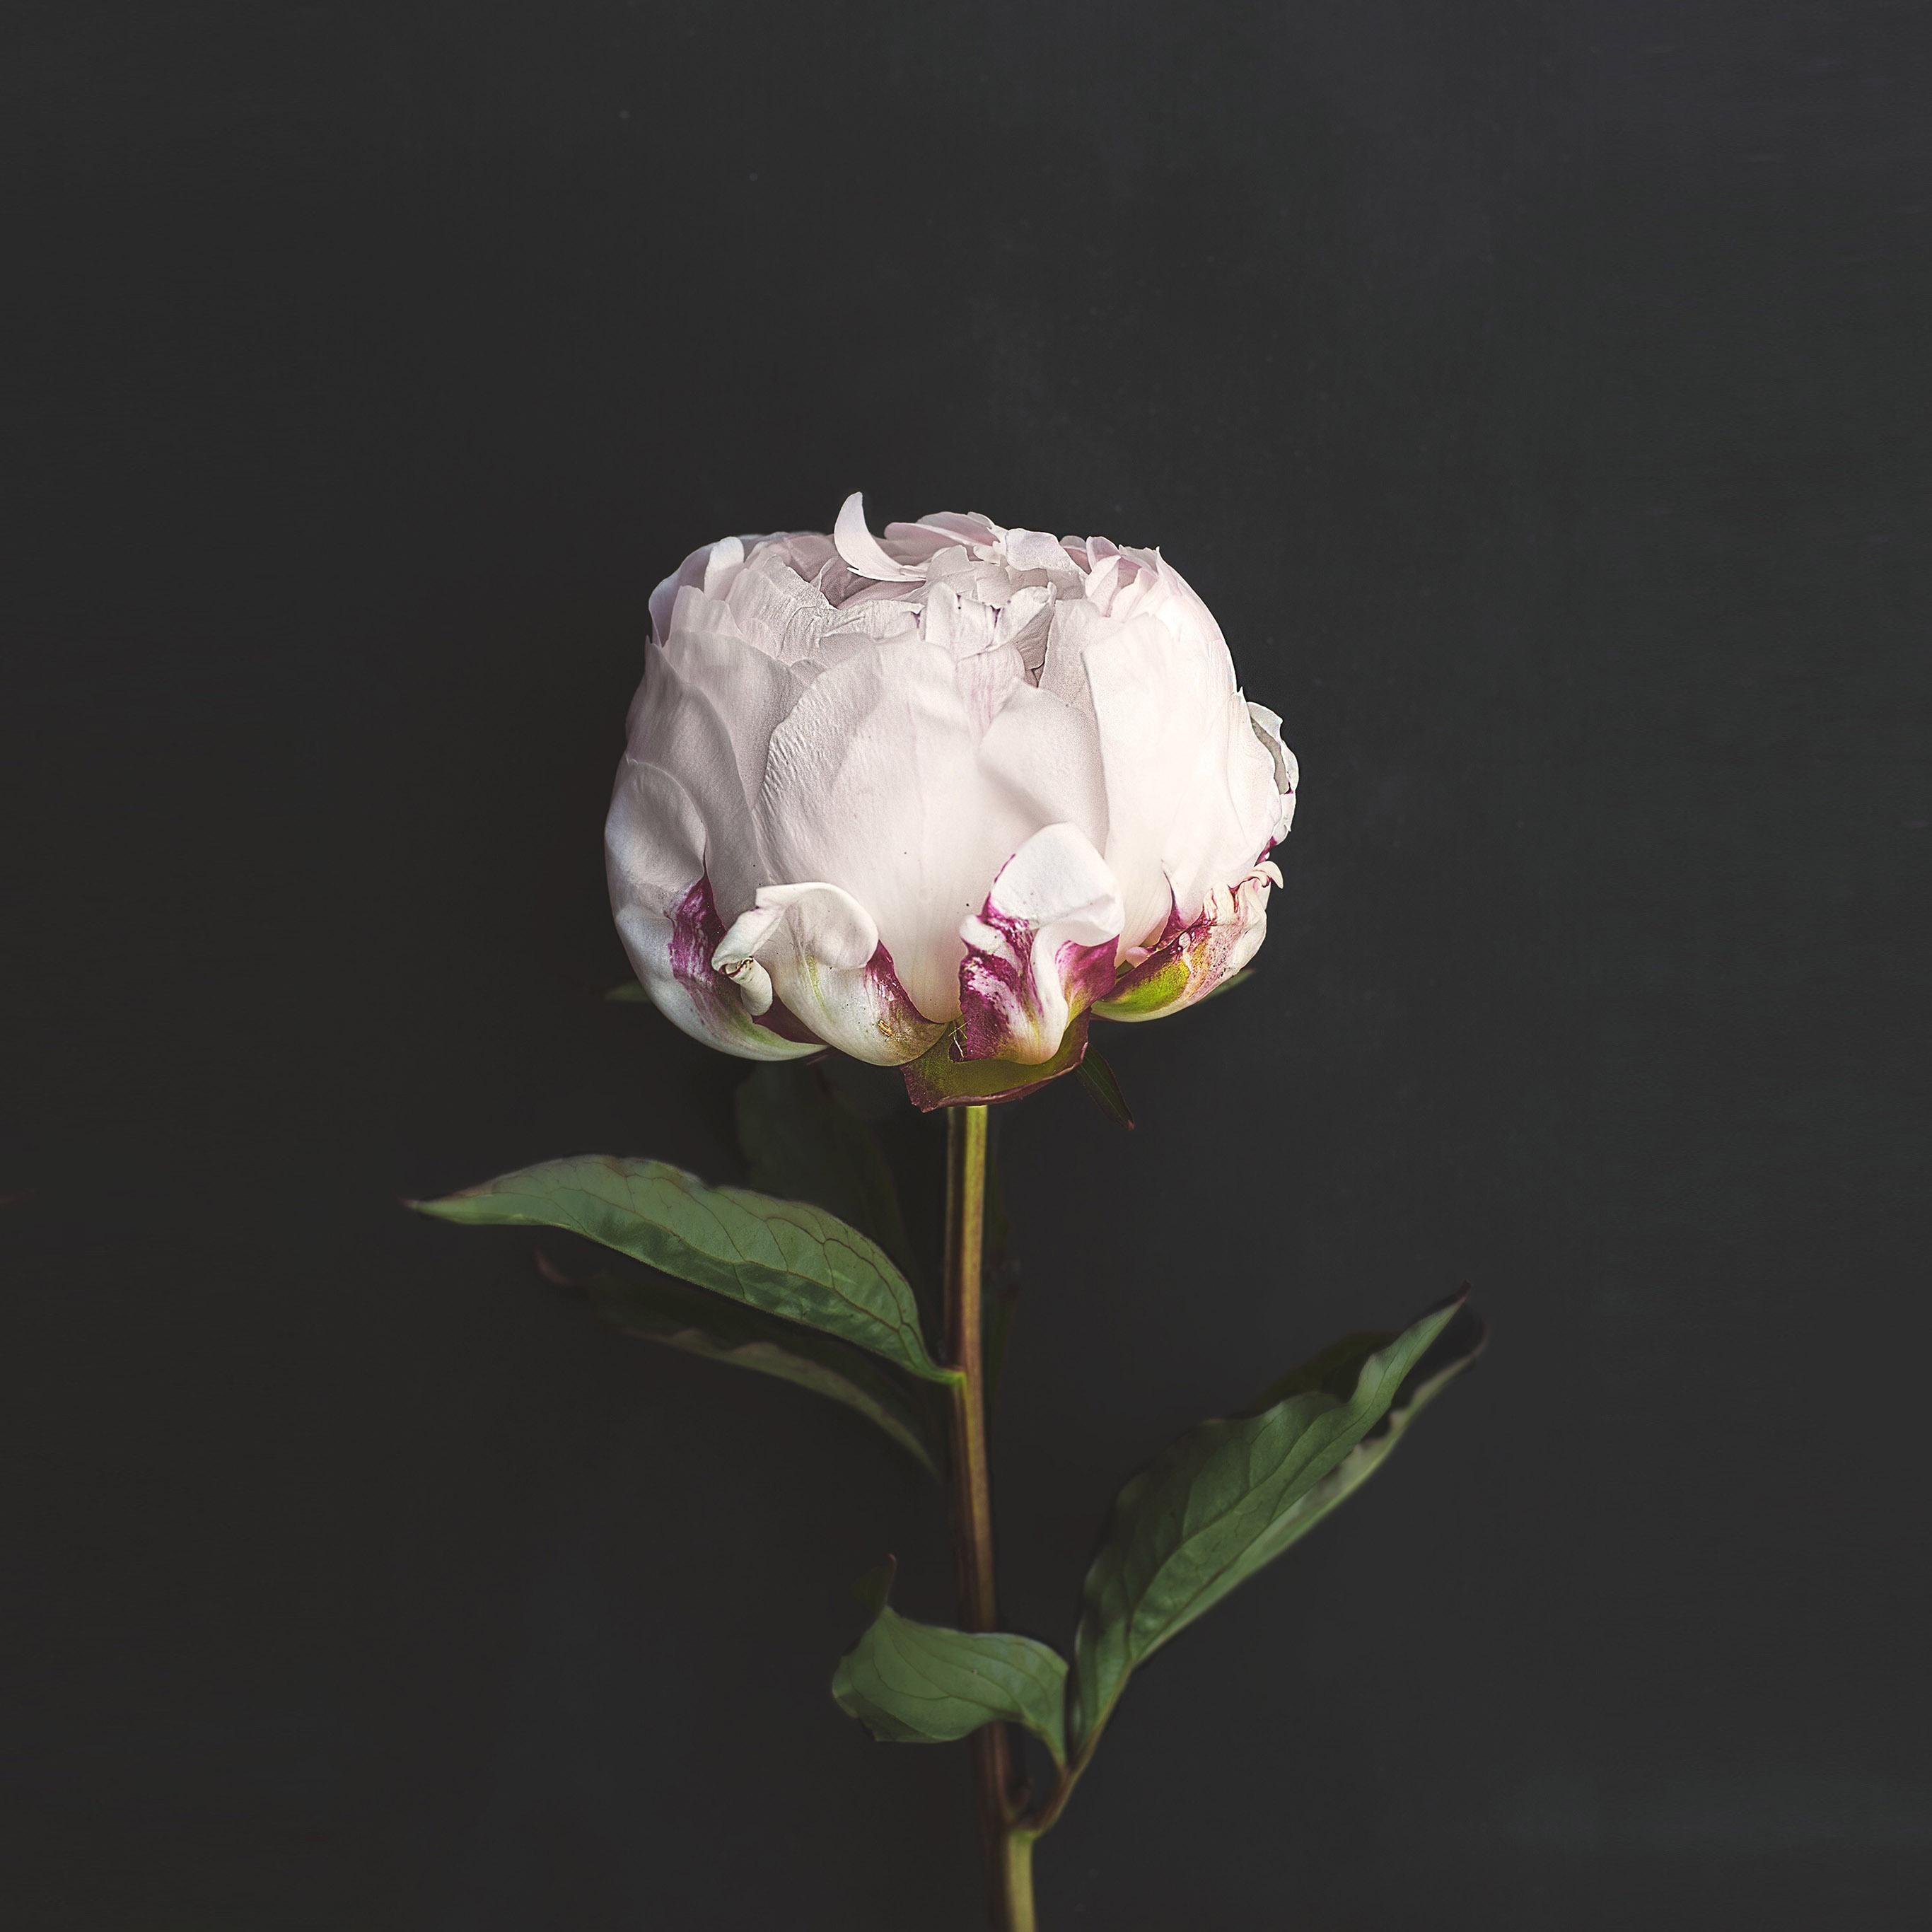 Nn37 Flower White Dark Nature Wallpaper